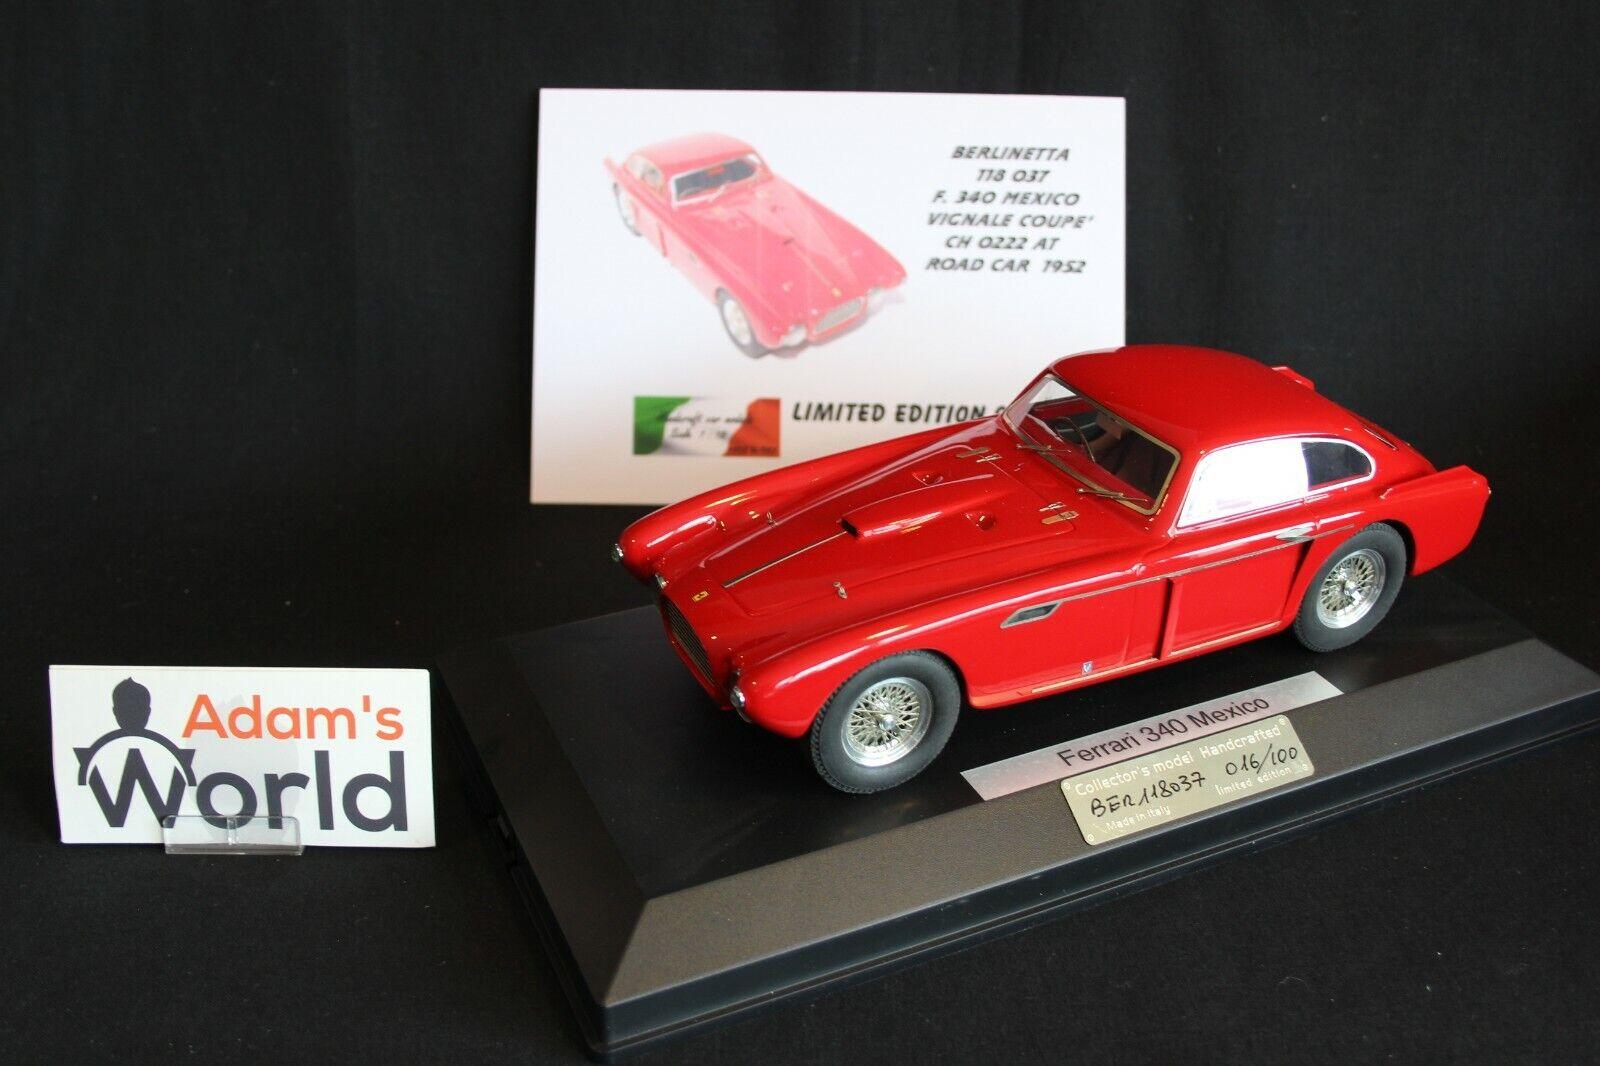 MG Model Plus Ferrari 340 Mexico Vignale Coupé CH 0222 AT 1952 1 18 rouge (PJBB)